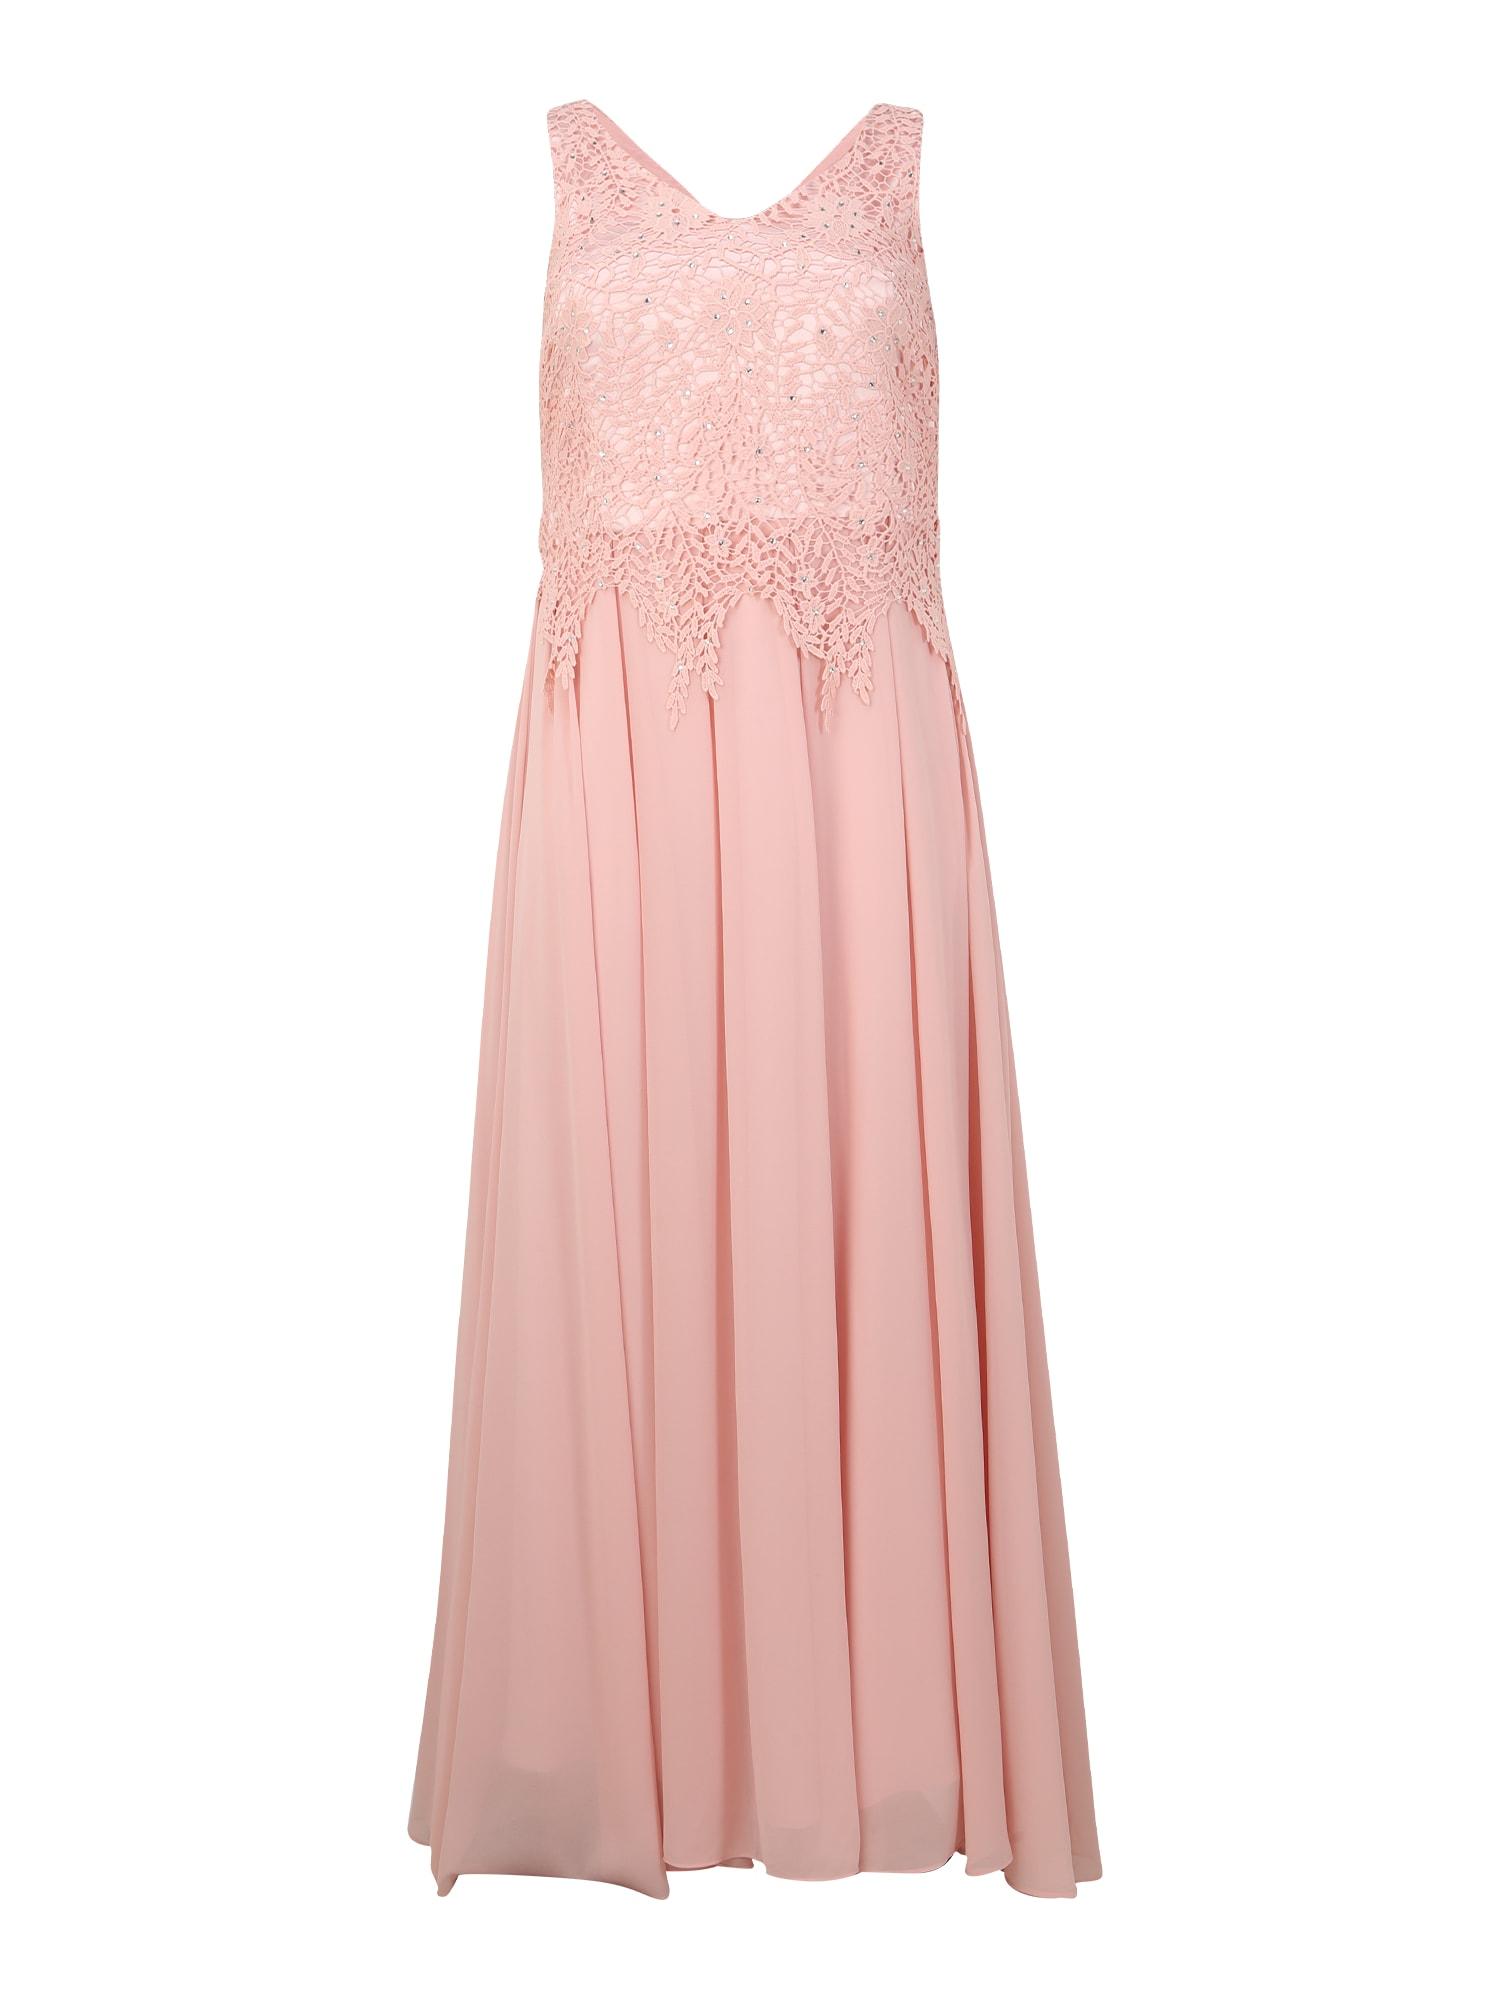 SWING Curve Vakarinė suknelė ryškiai rožinė spalva